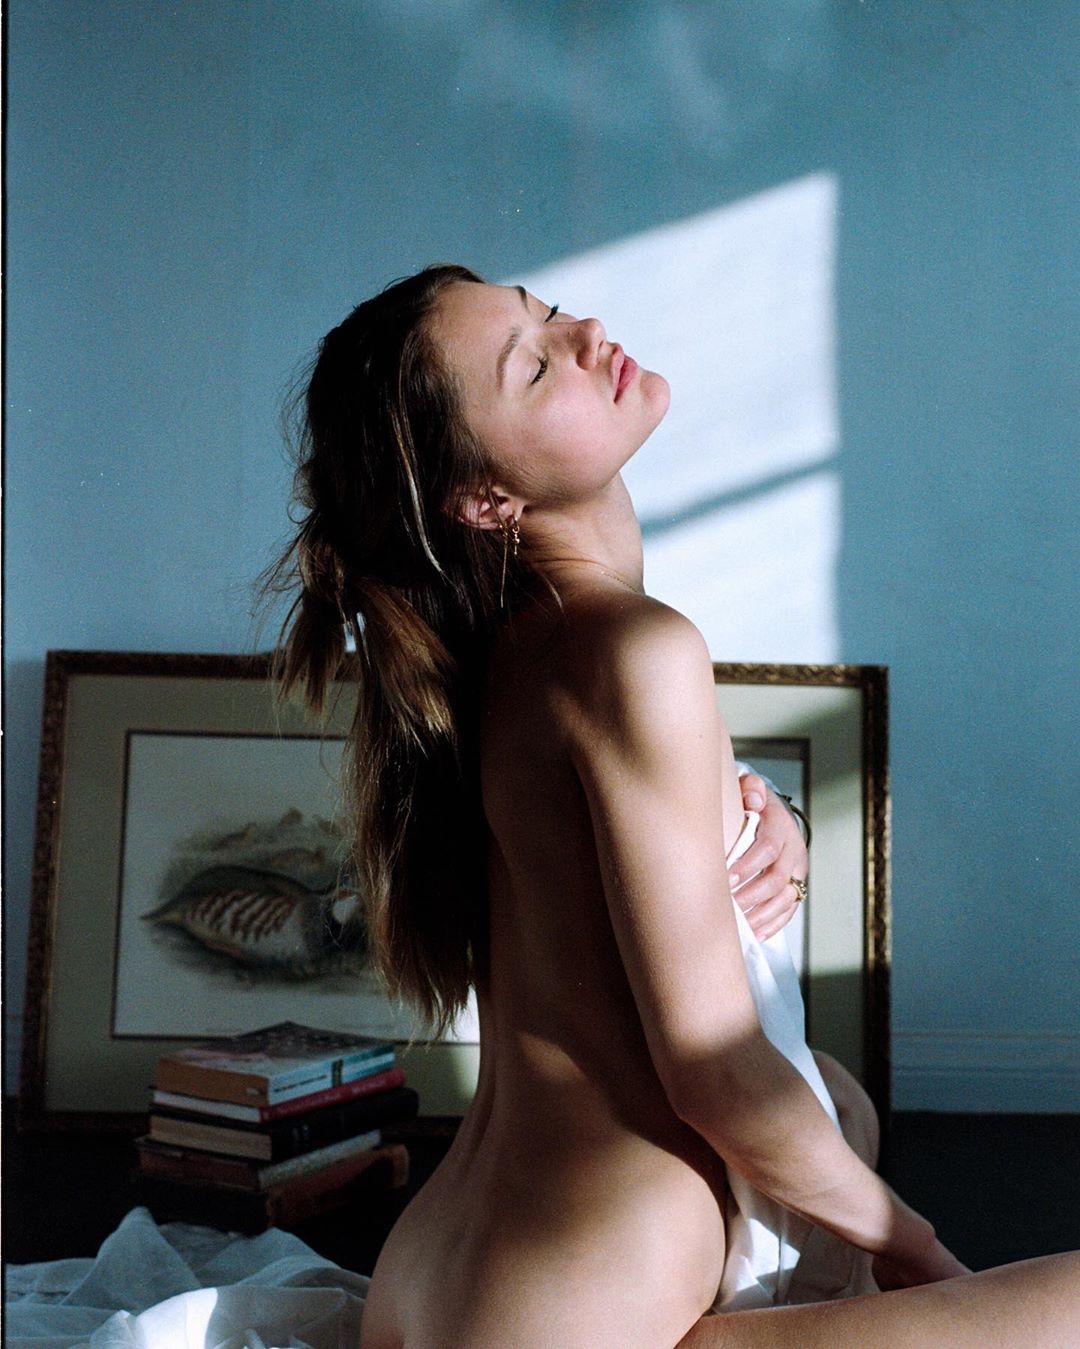 Чувственные фотографии девушек от Клинта Роберта